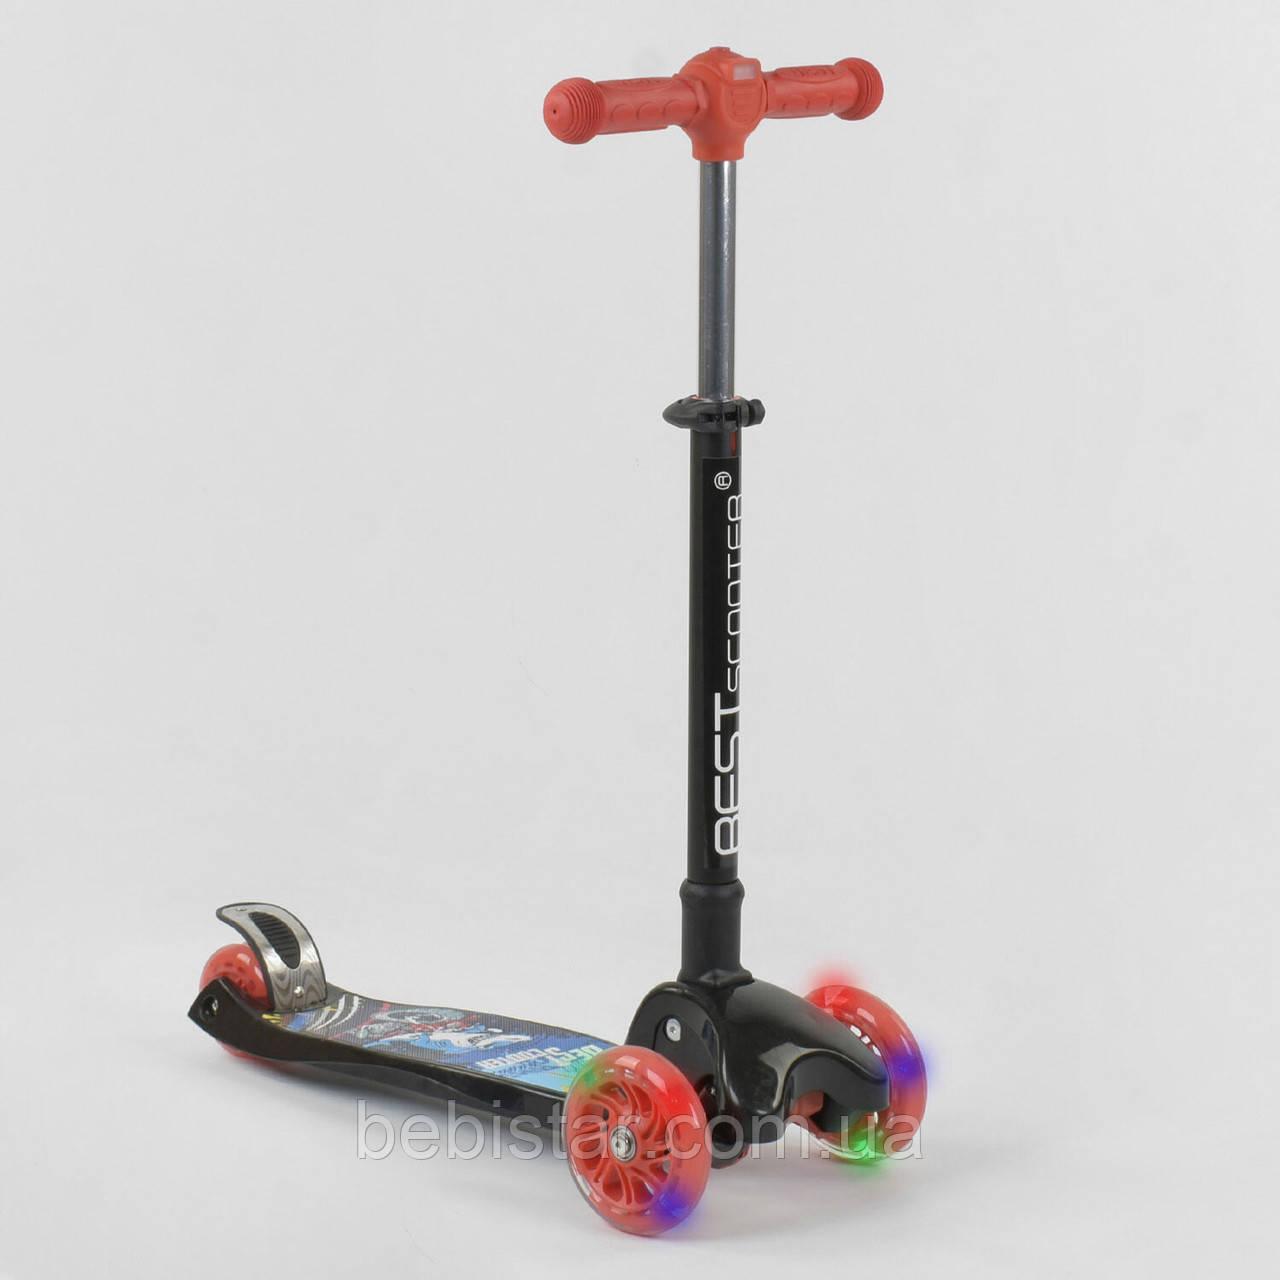 Самокат трехколесный черный Best Scooter складной руль с фарой светящиеся красные колеса деткам от 3 лет